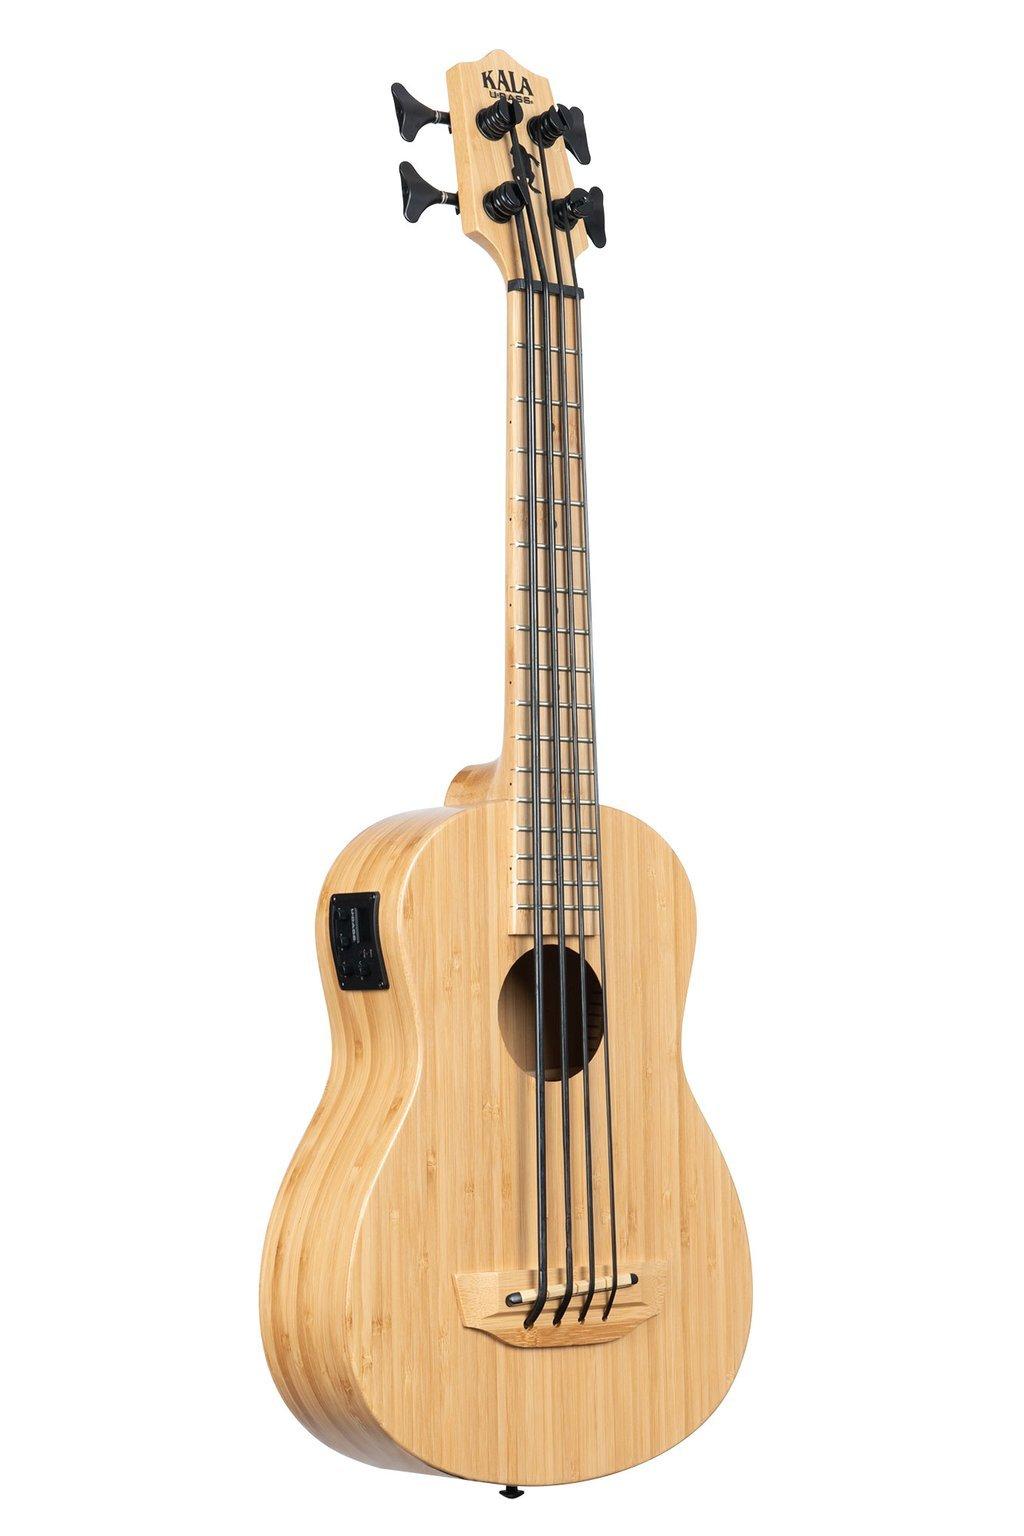 Kala Bamboo Fretted UBASS